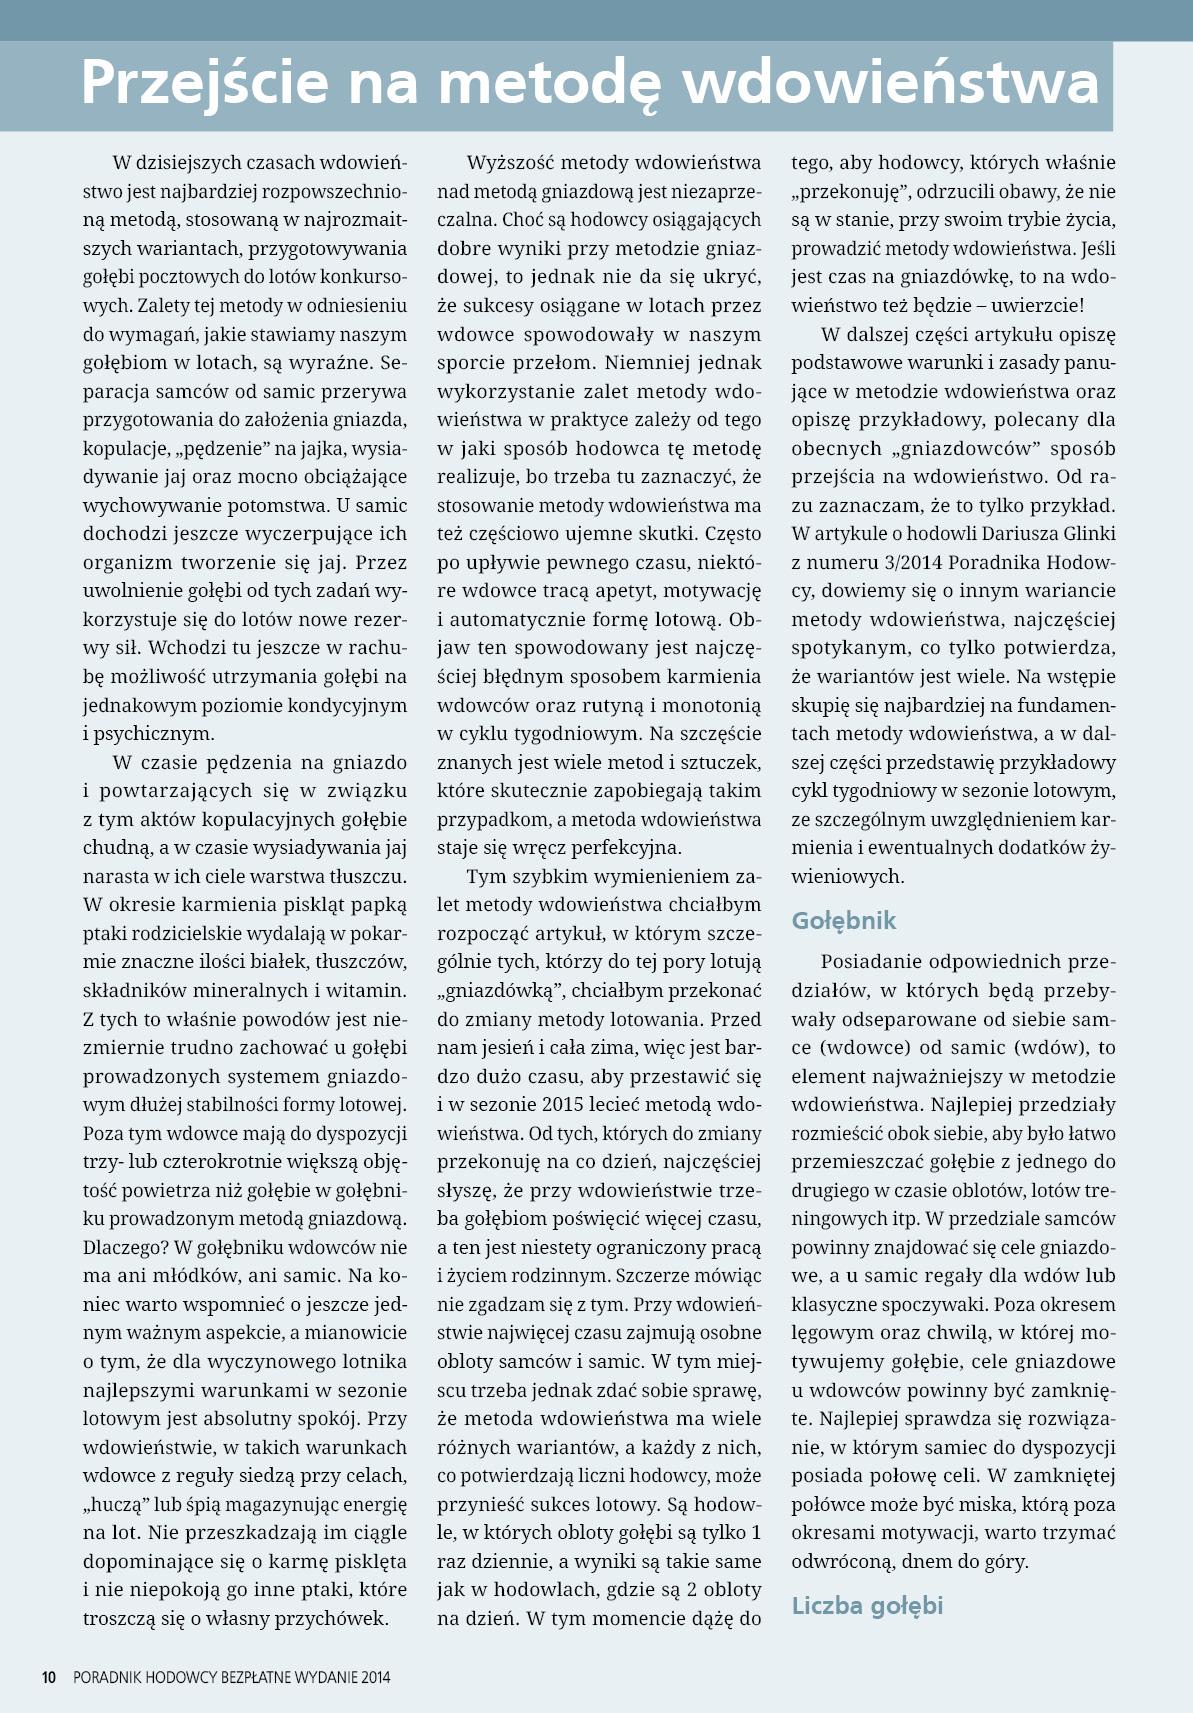 Darmowy numer specjalny Poradnika Hodowcy 2014 - strona 10